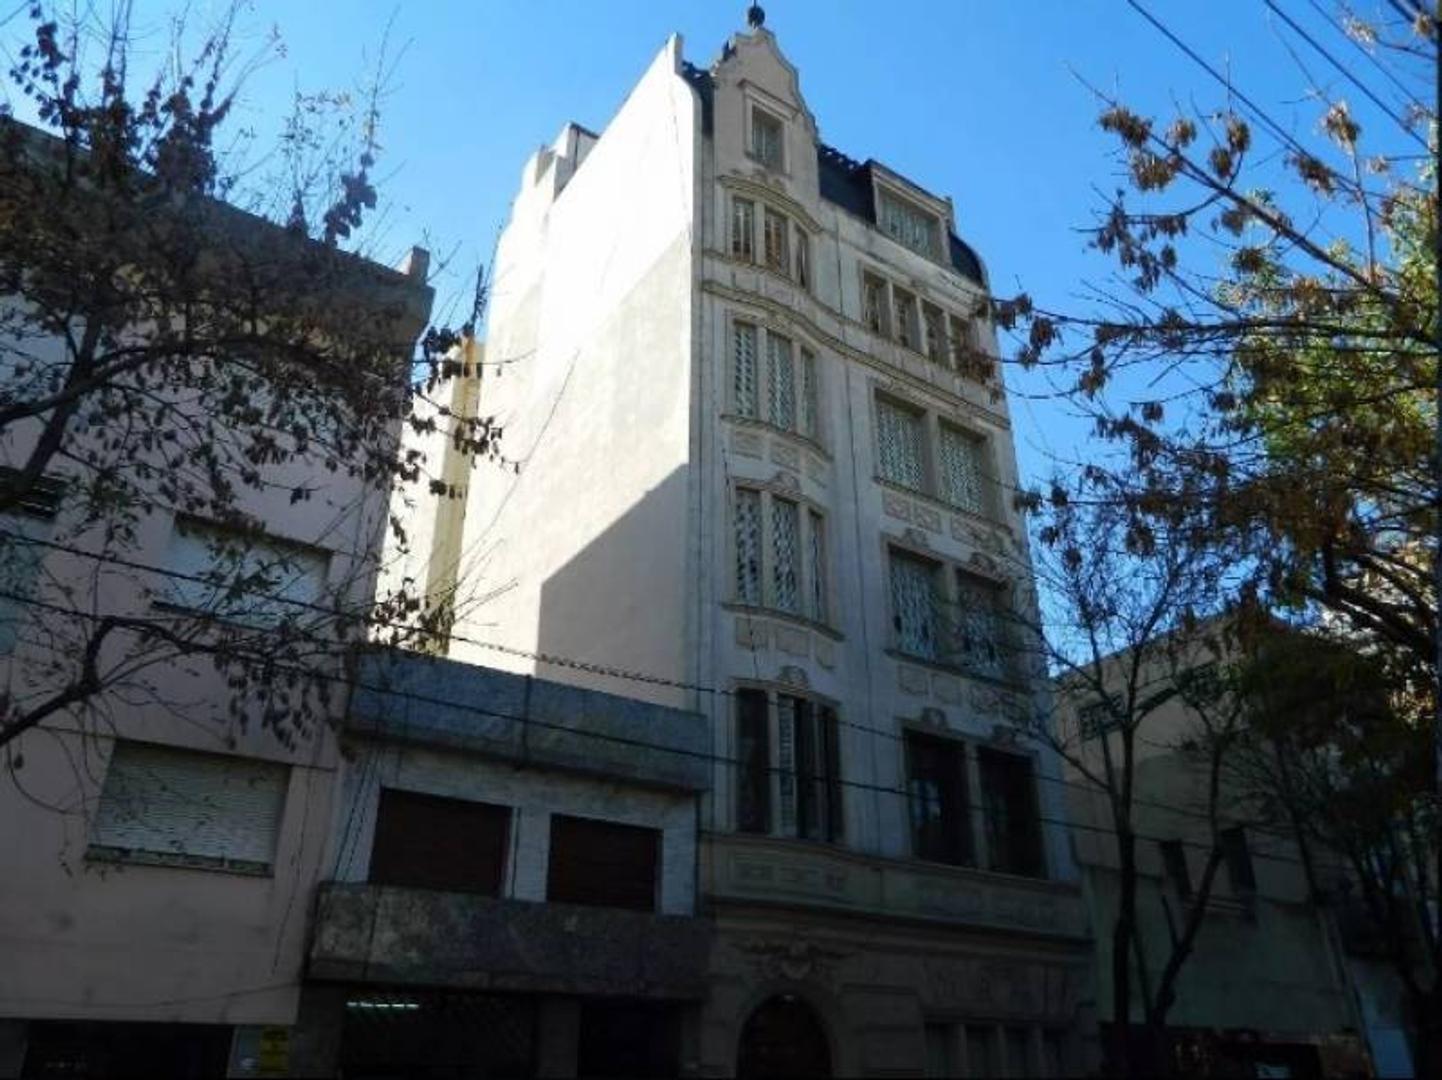 SEMIPISO DE CATEGORÍA, 158 M2 | VENEZUELA 2100